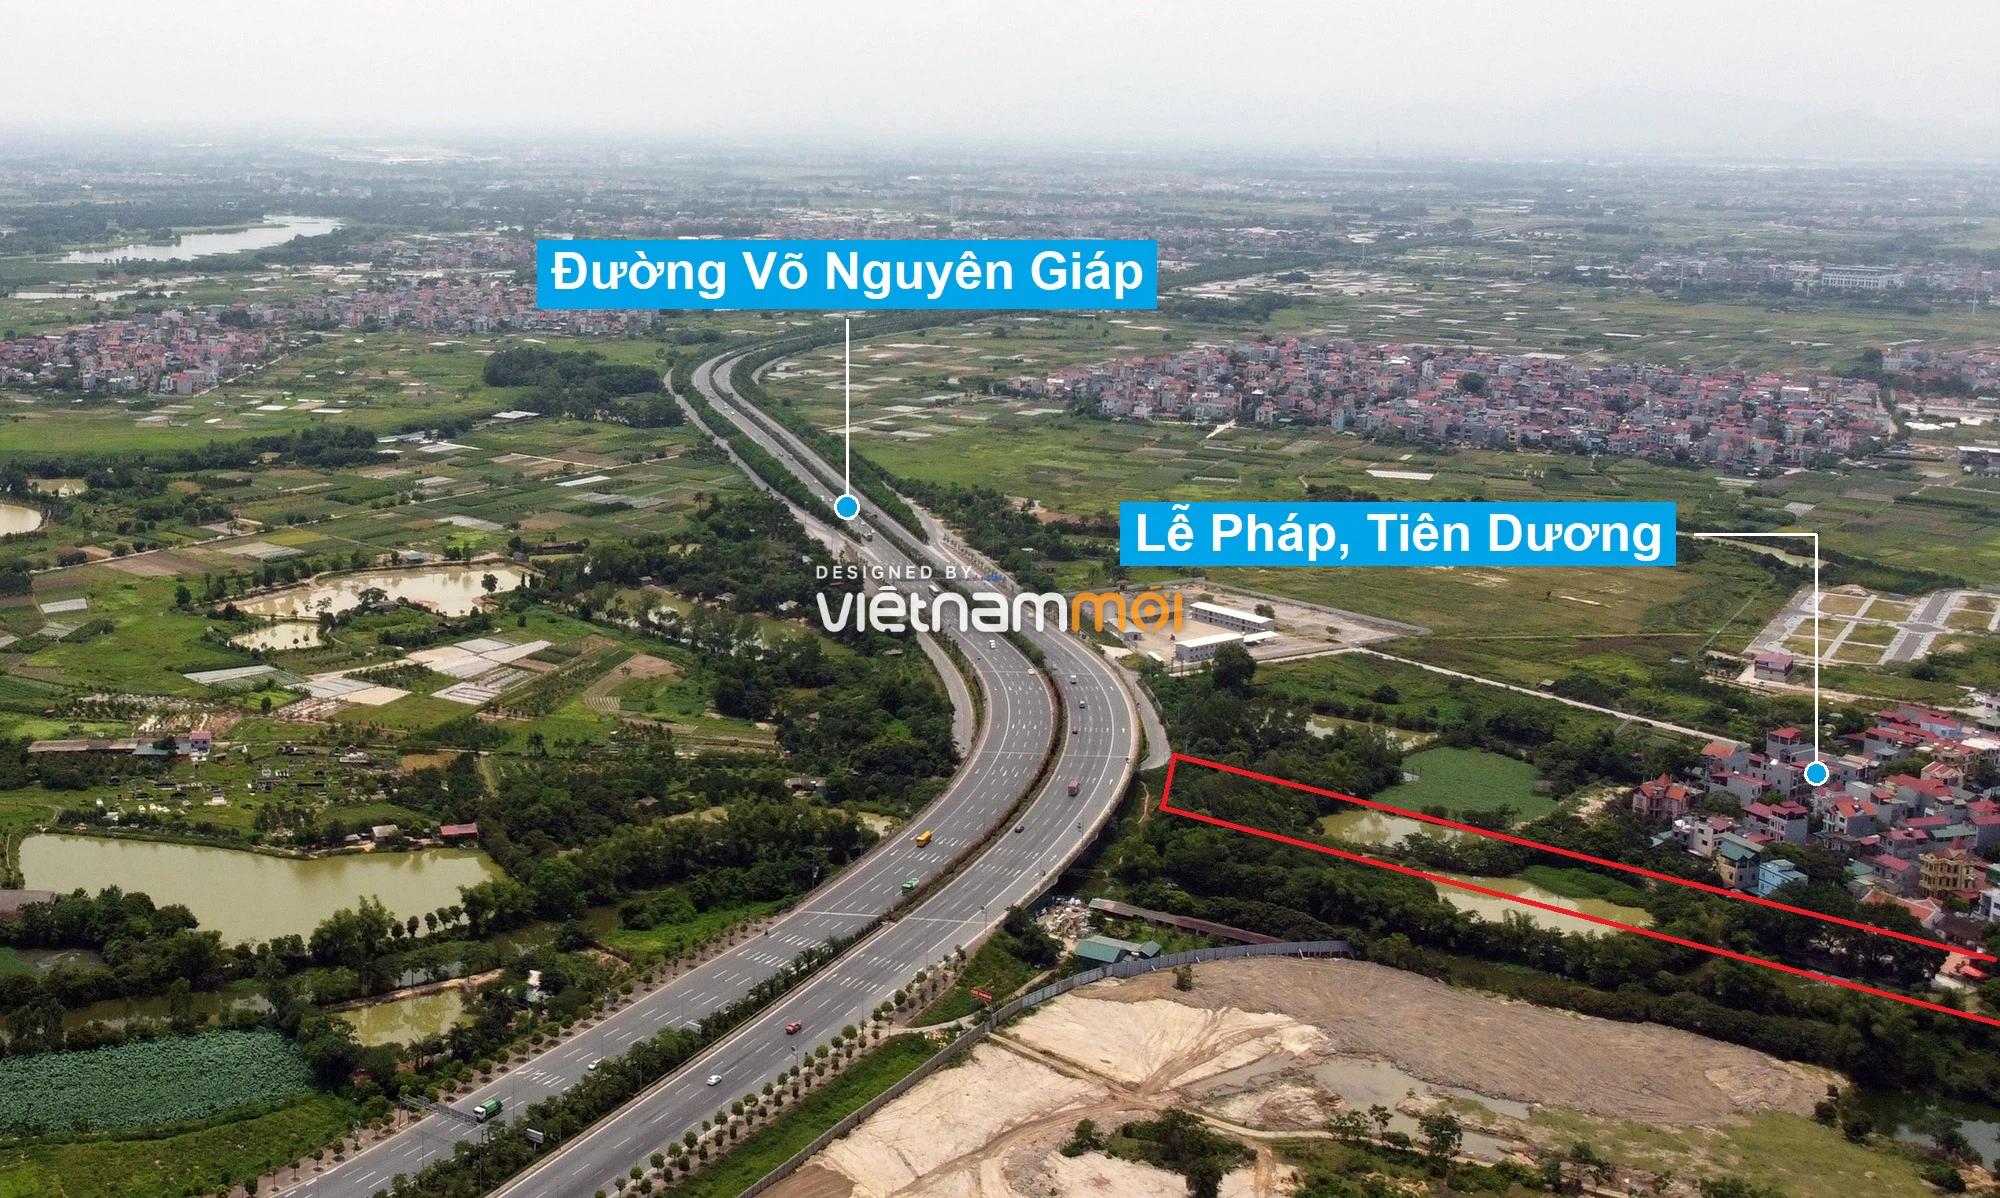 Đường sẽ mở theo quy hoạch xung quanh dự án Thành phố Thông minh Bắc Hà Nội (phần 2) - Ảnh 2.